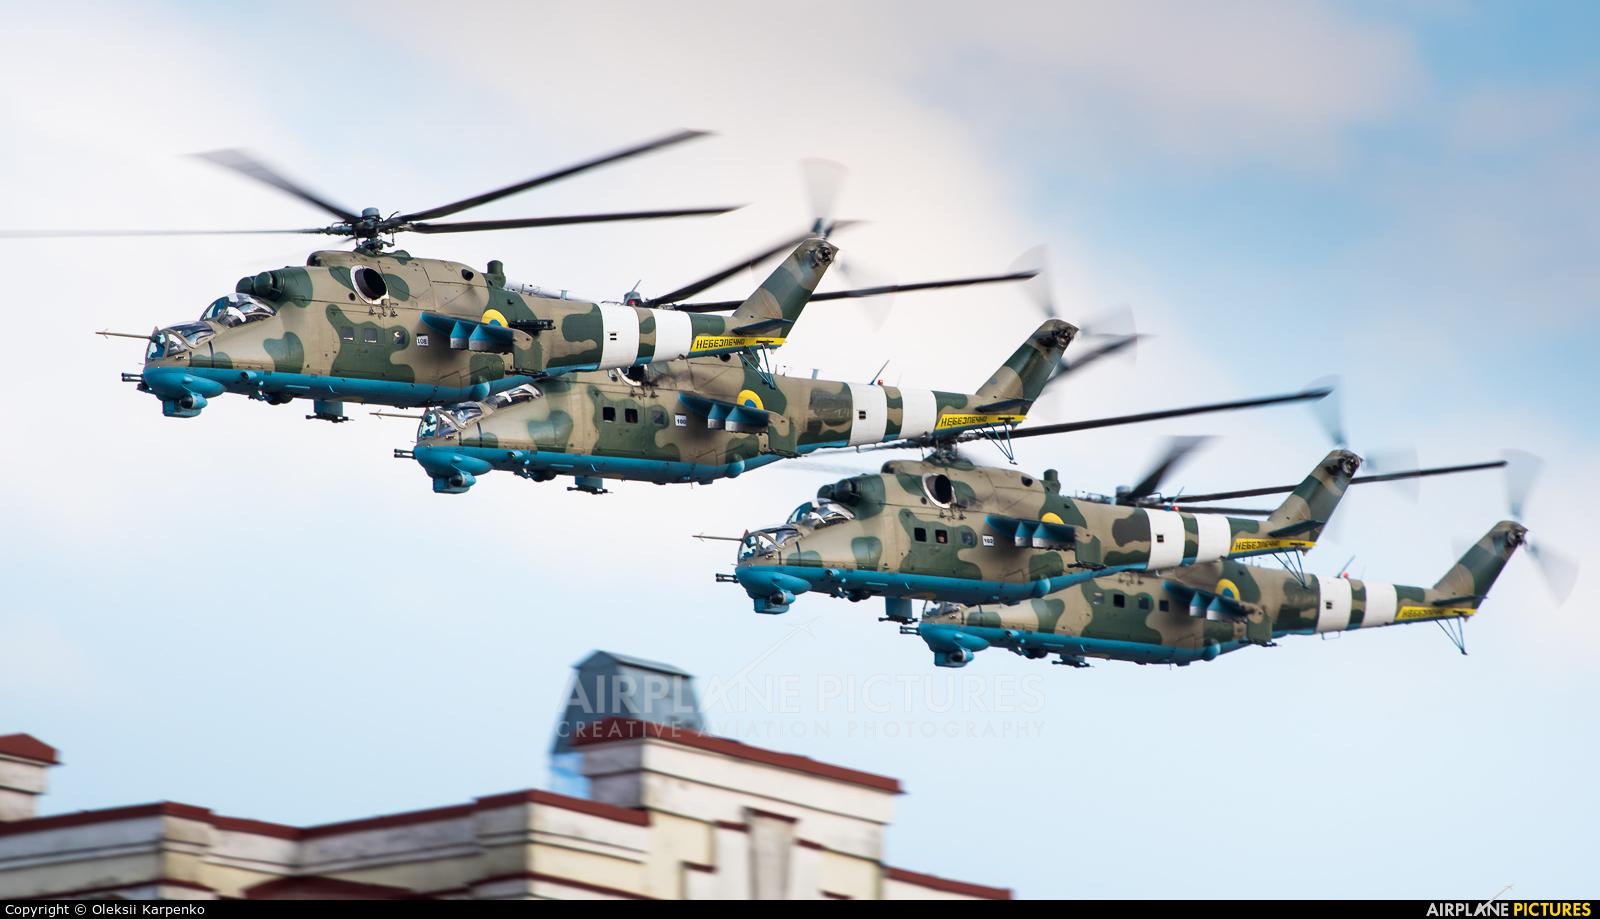 Ukraine - Army - aircraft at In Flight - Ukraine